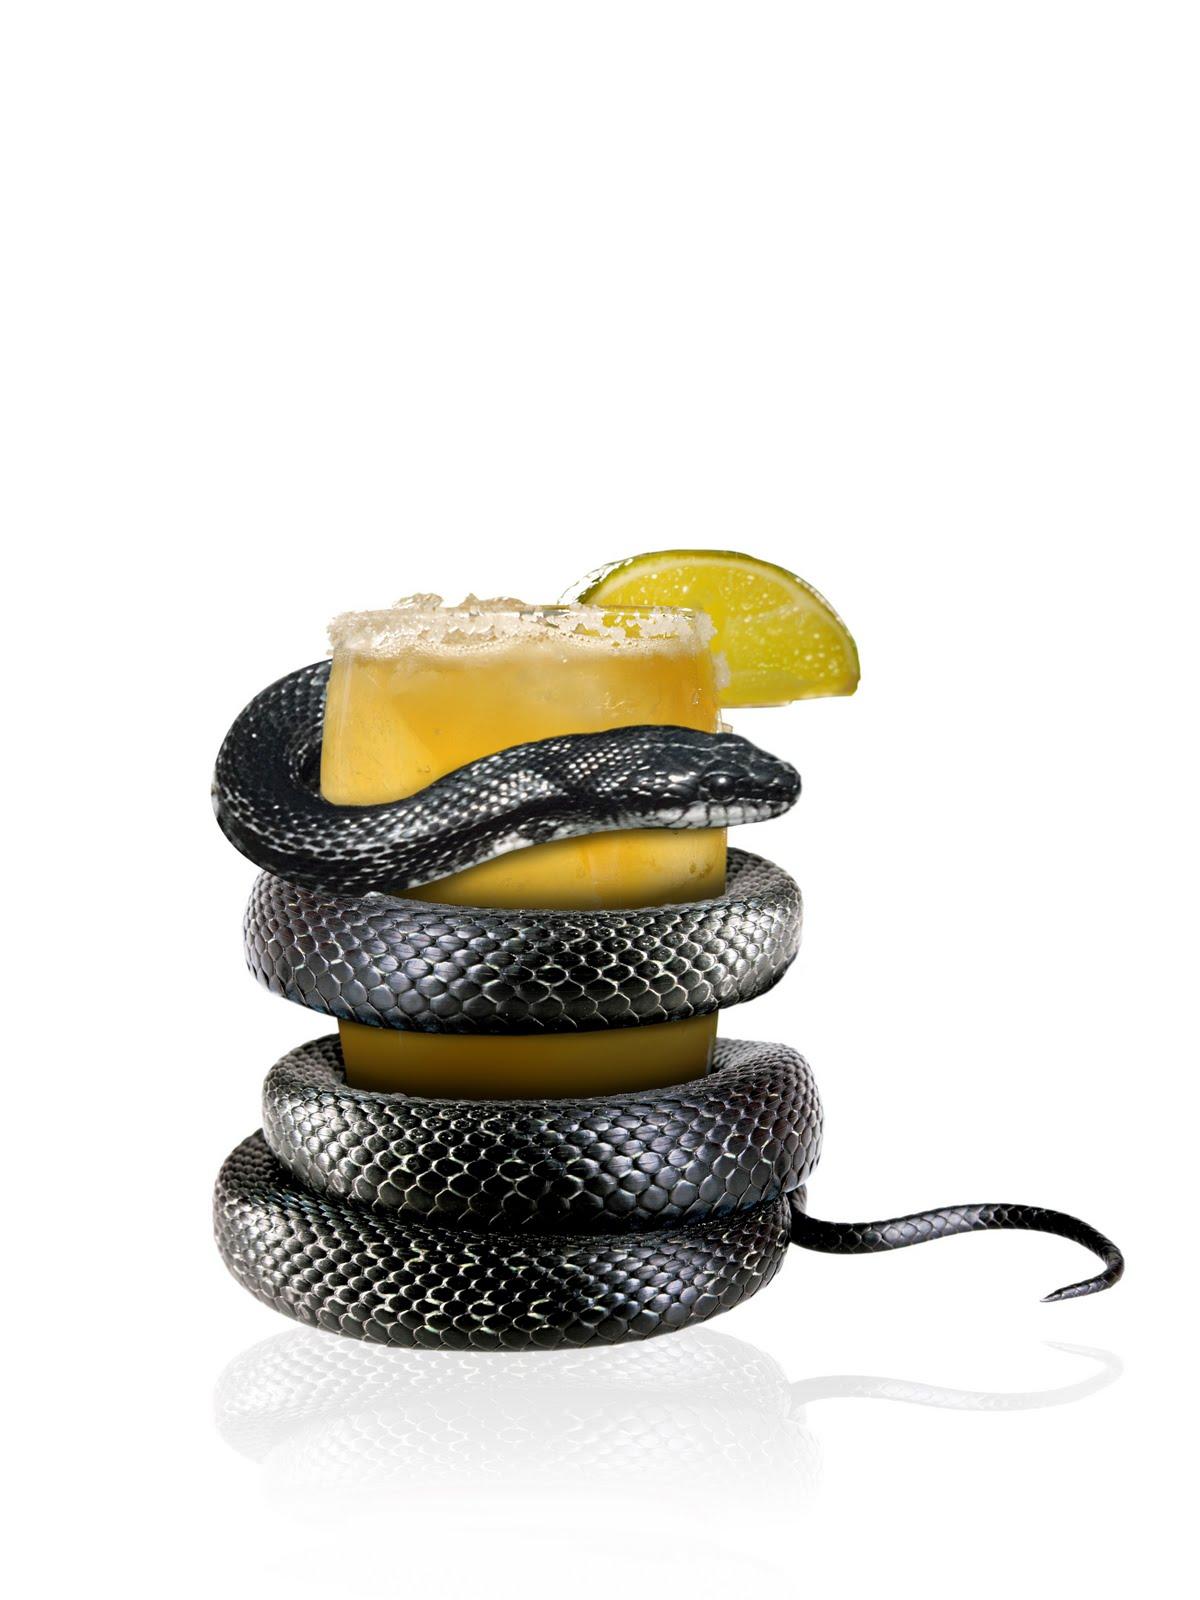 http://1.bp.blogspot.com/_4KxmFp2OOHI/S83uj3kON8I/AAAAAAAAJqg/OlHqawCS6Lw/s1600/Black+Mamba+Snake.JPG